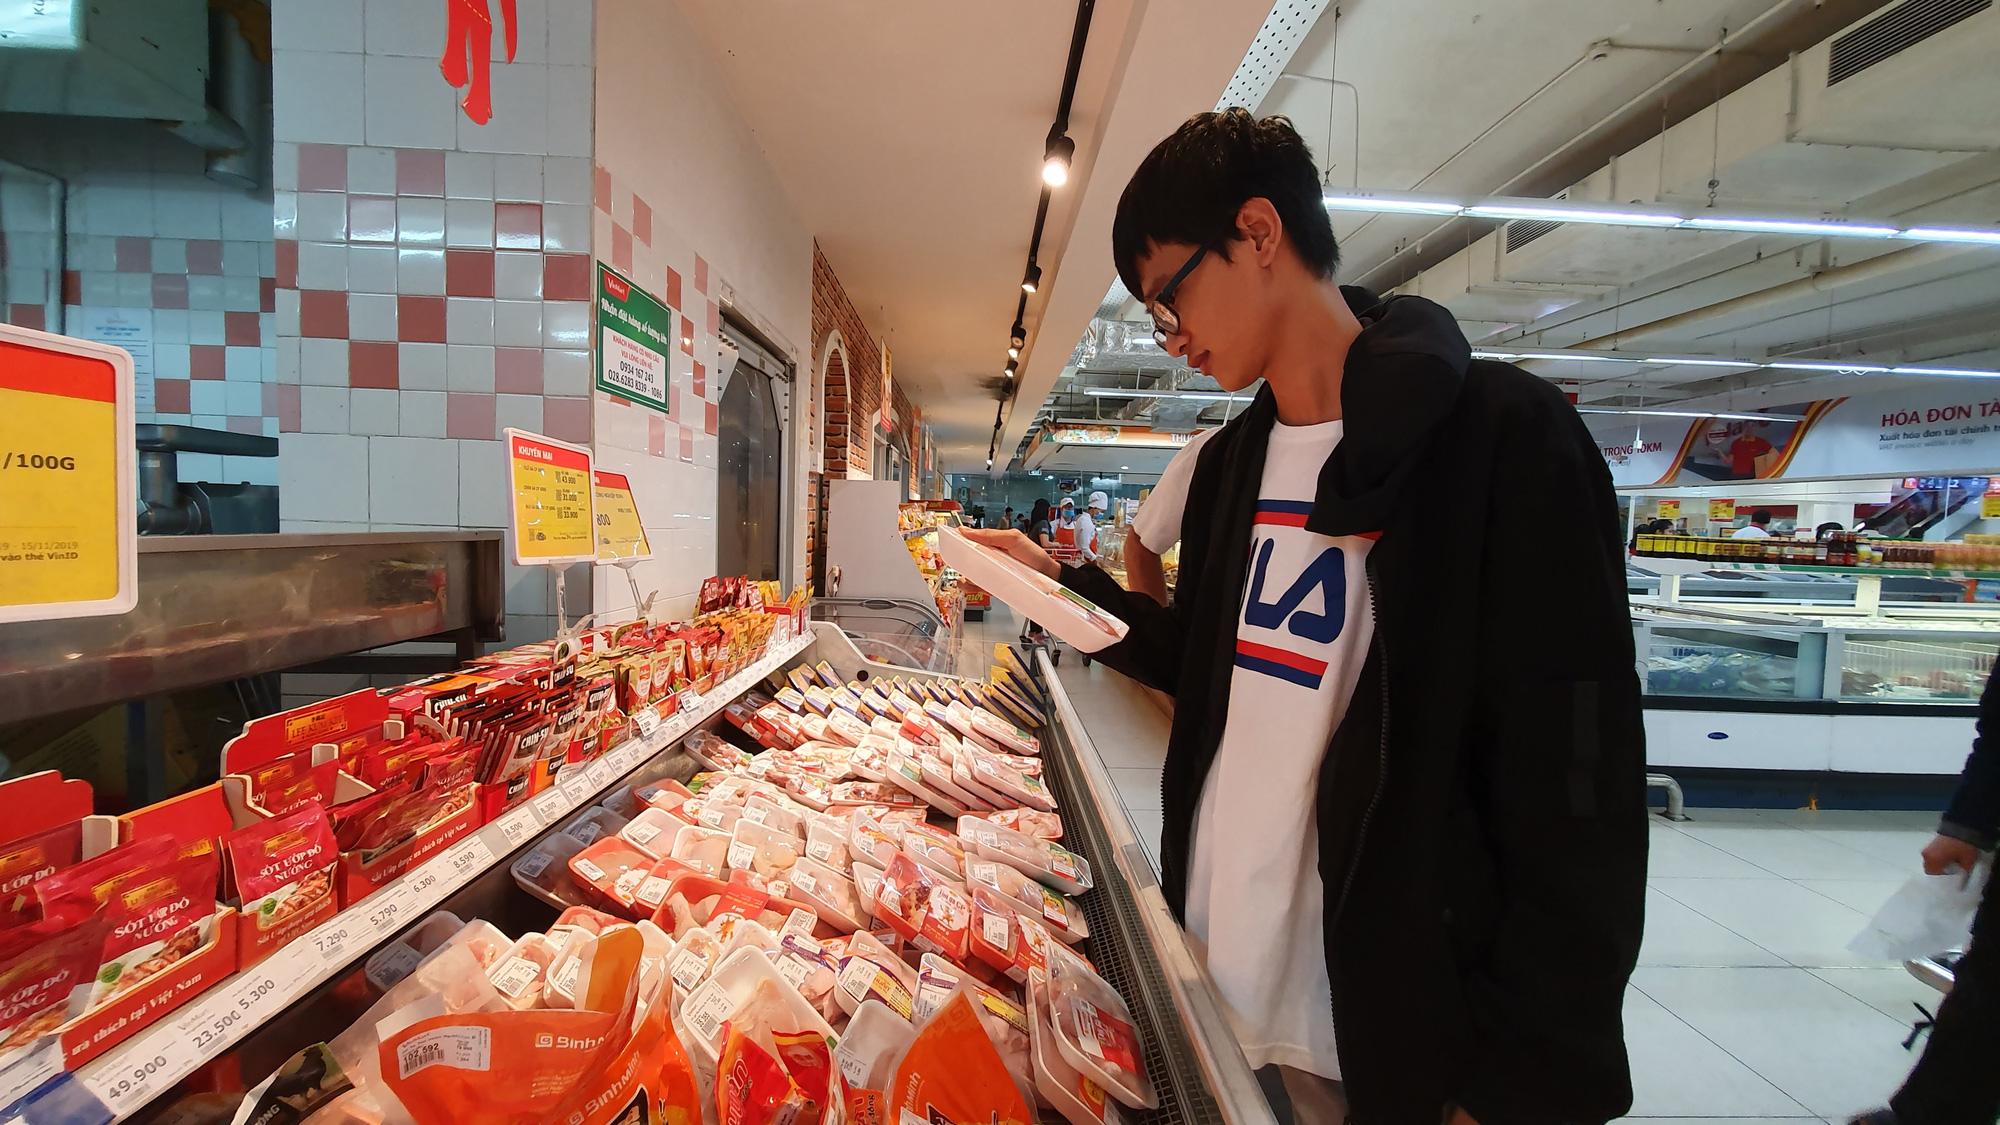 Lịch nghỉ Tết Canh Tí 2020 của siêu thị, cửa hàng tiện lợi - Ảnh 1.